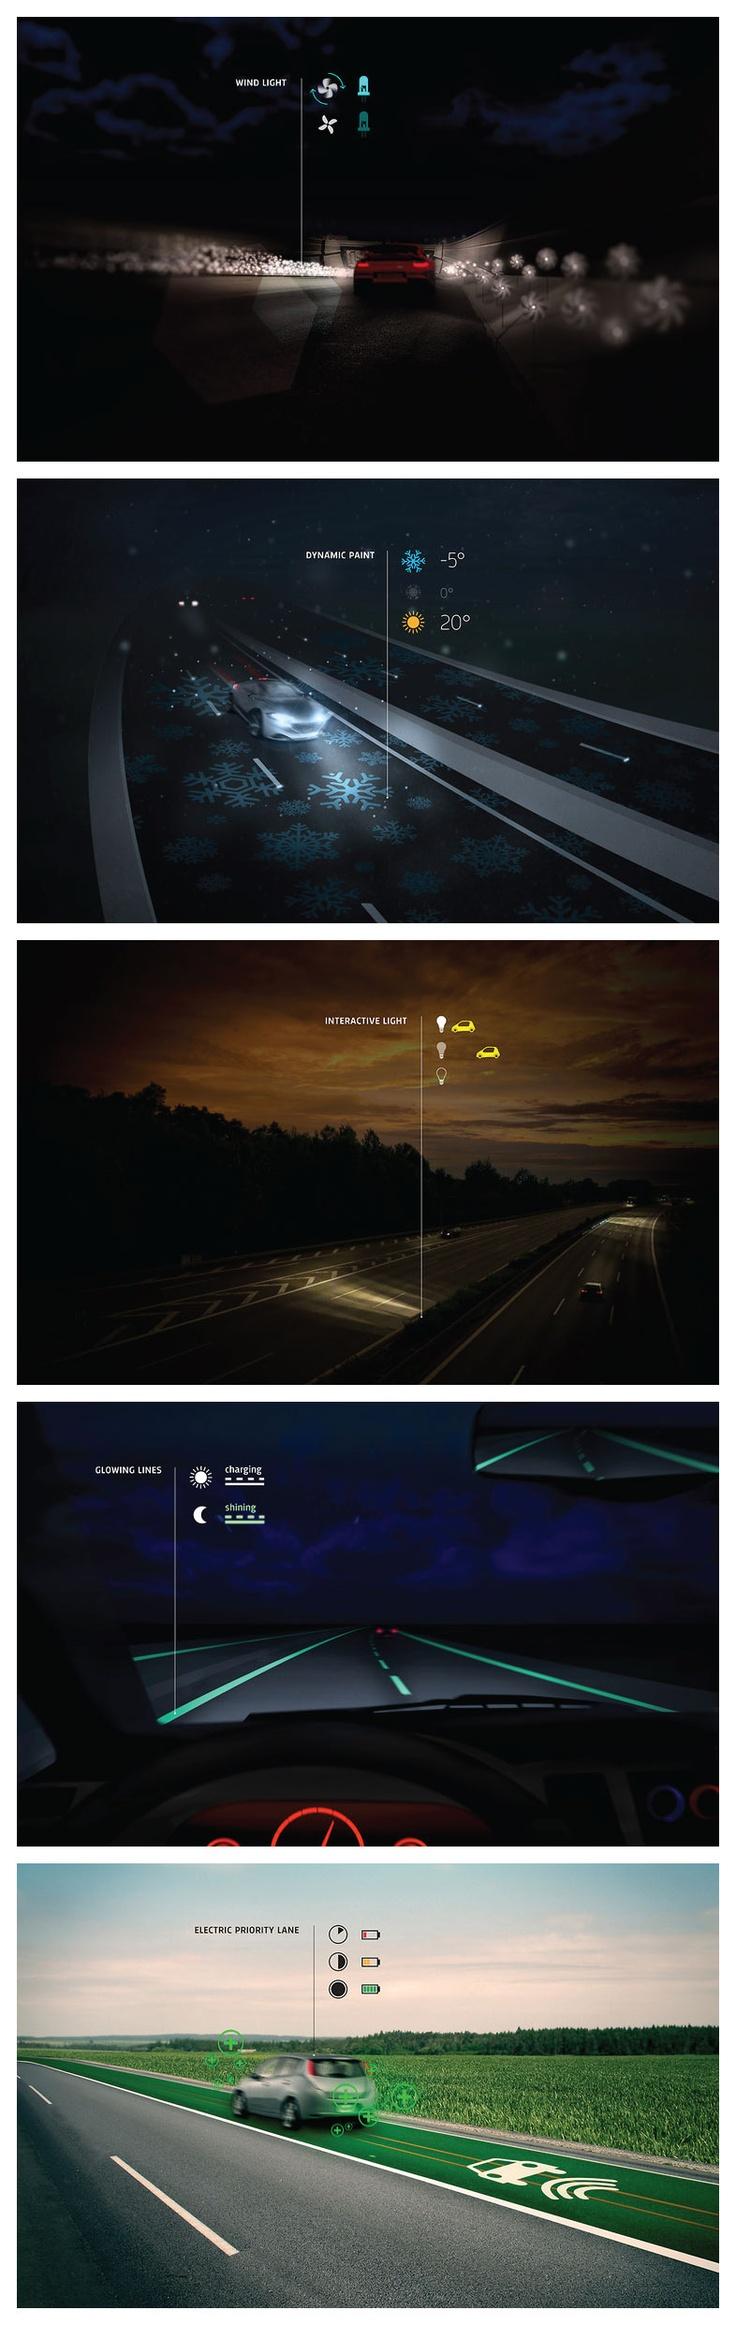 Smart Highway by Dutch designer Daan Roosegaarde